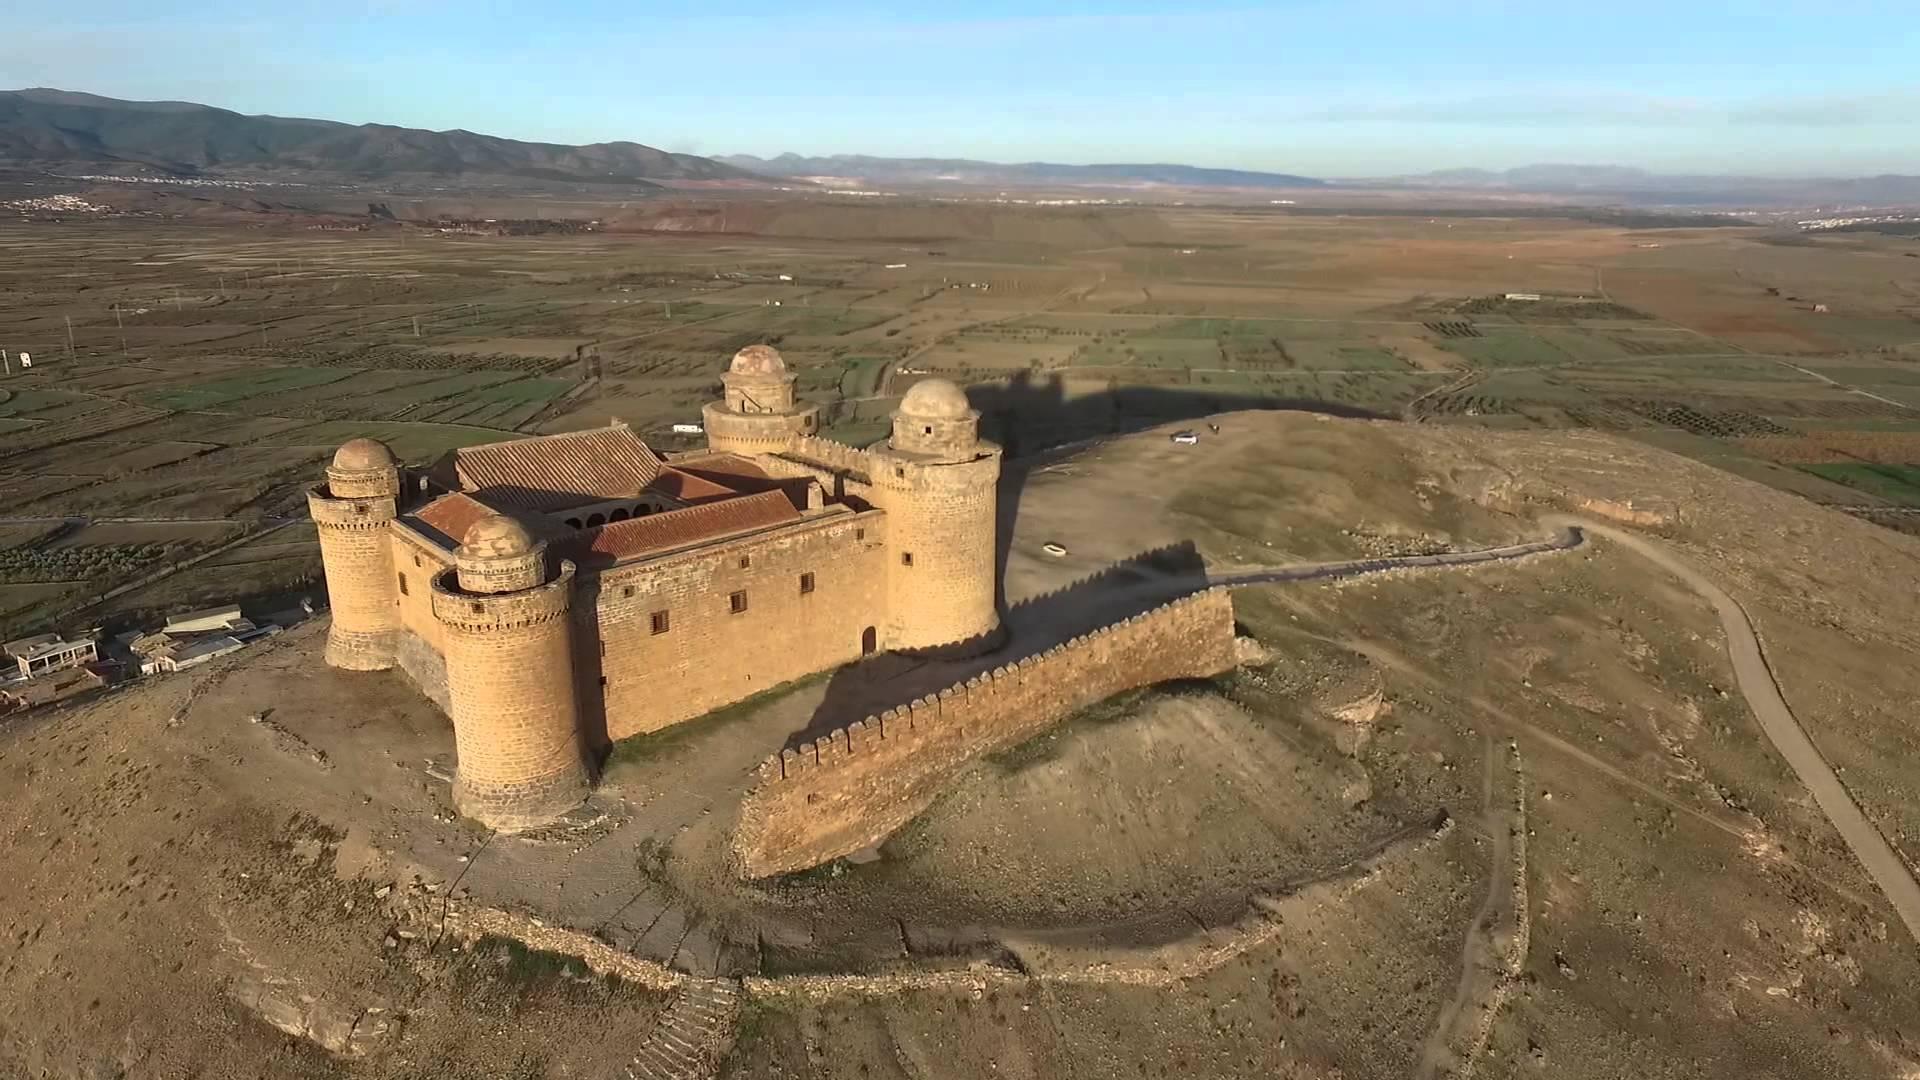 Castillo de la calahorra granada fotos